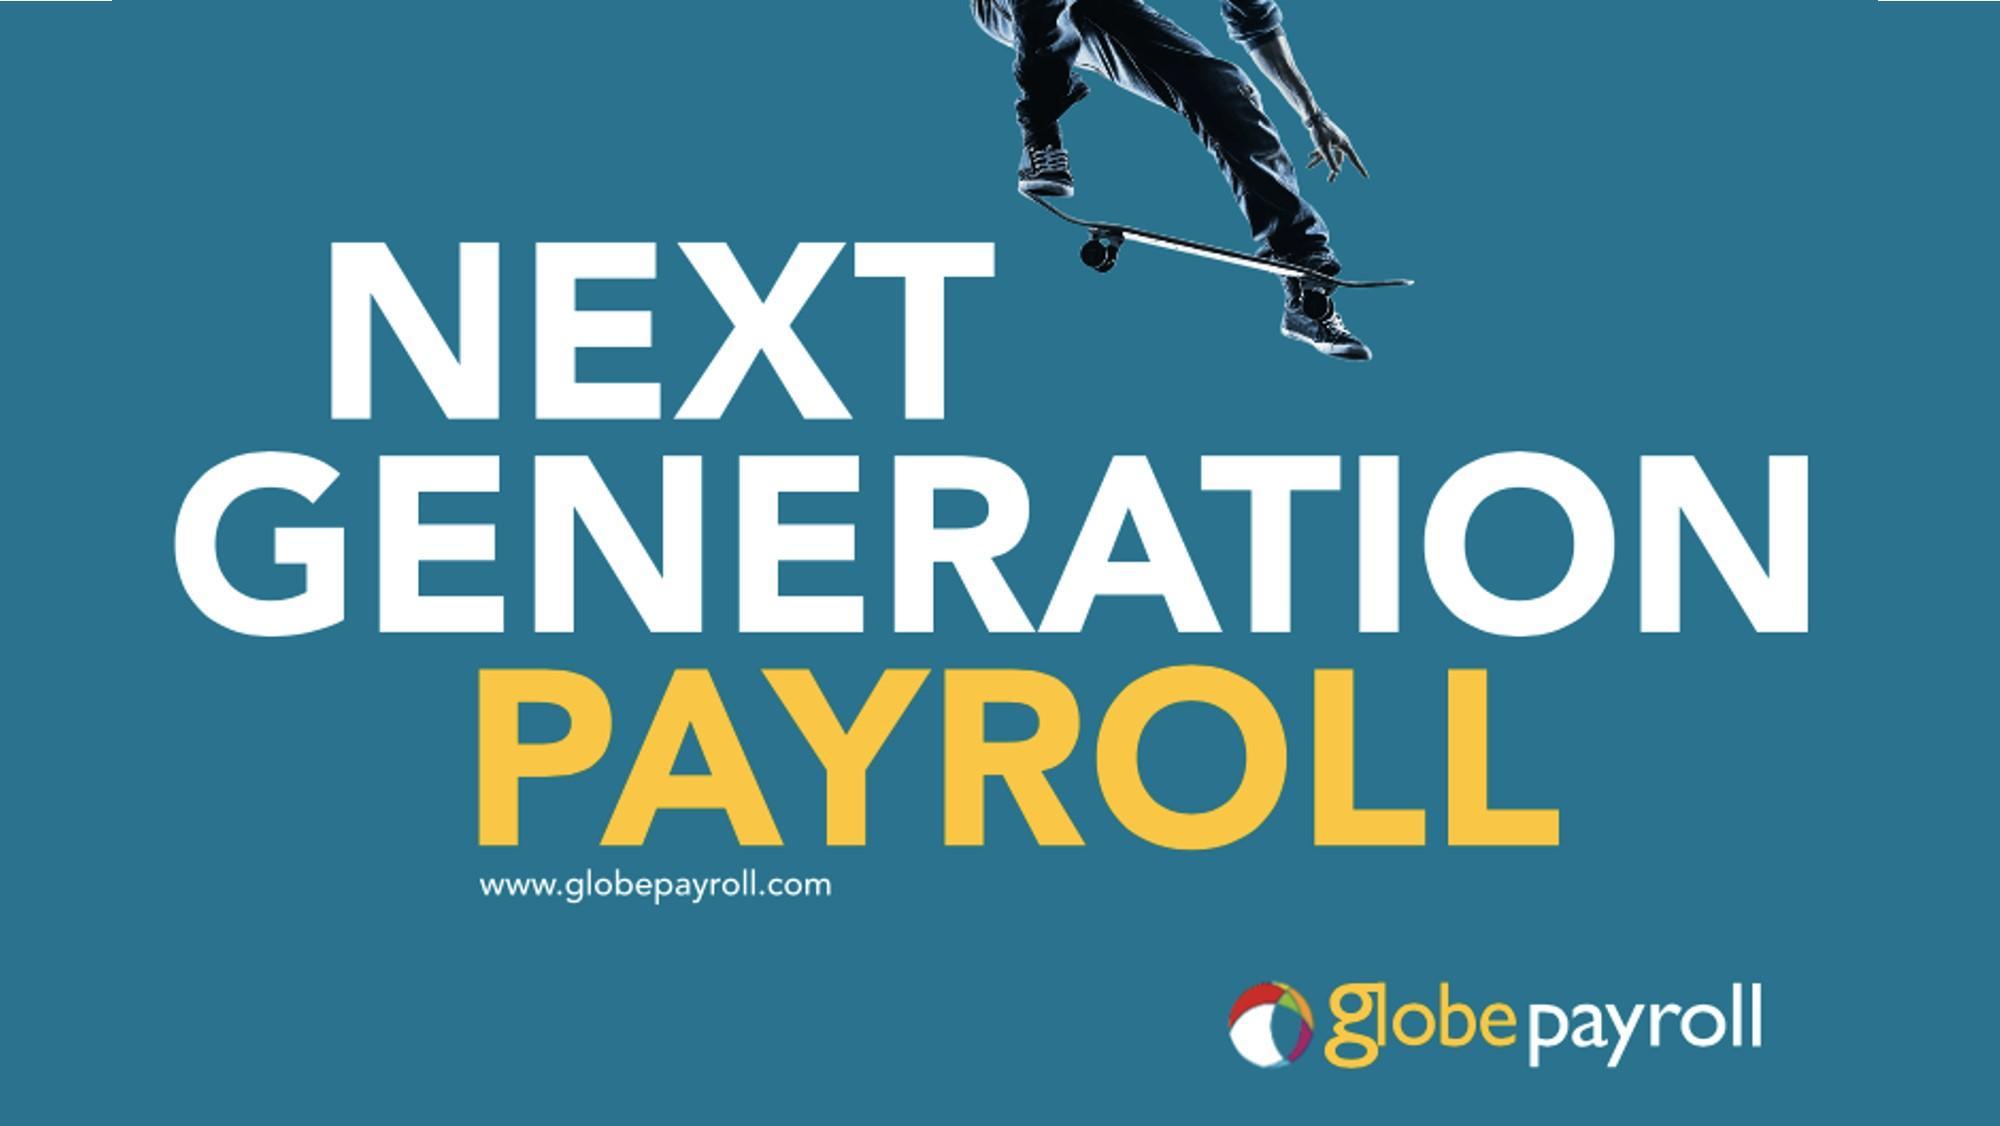 Avis GlobePayroll : La 1ère solution de paye Cloud pour les entreprises mondiale - appvizer